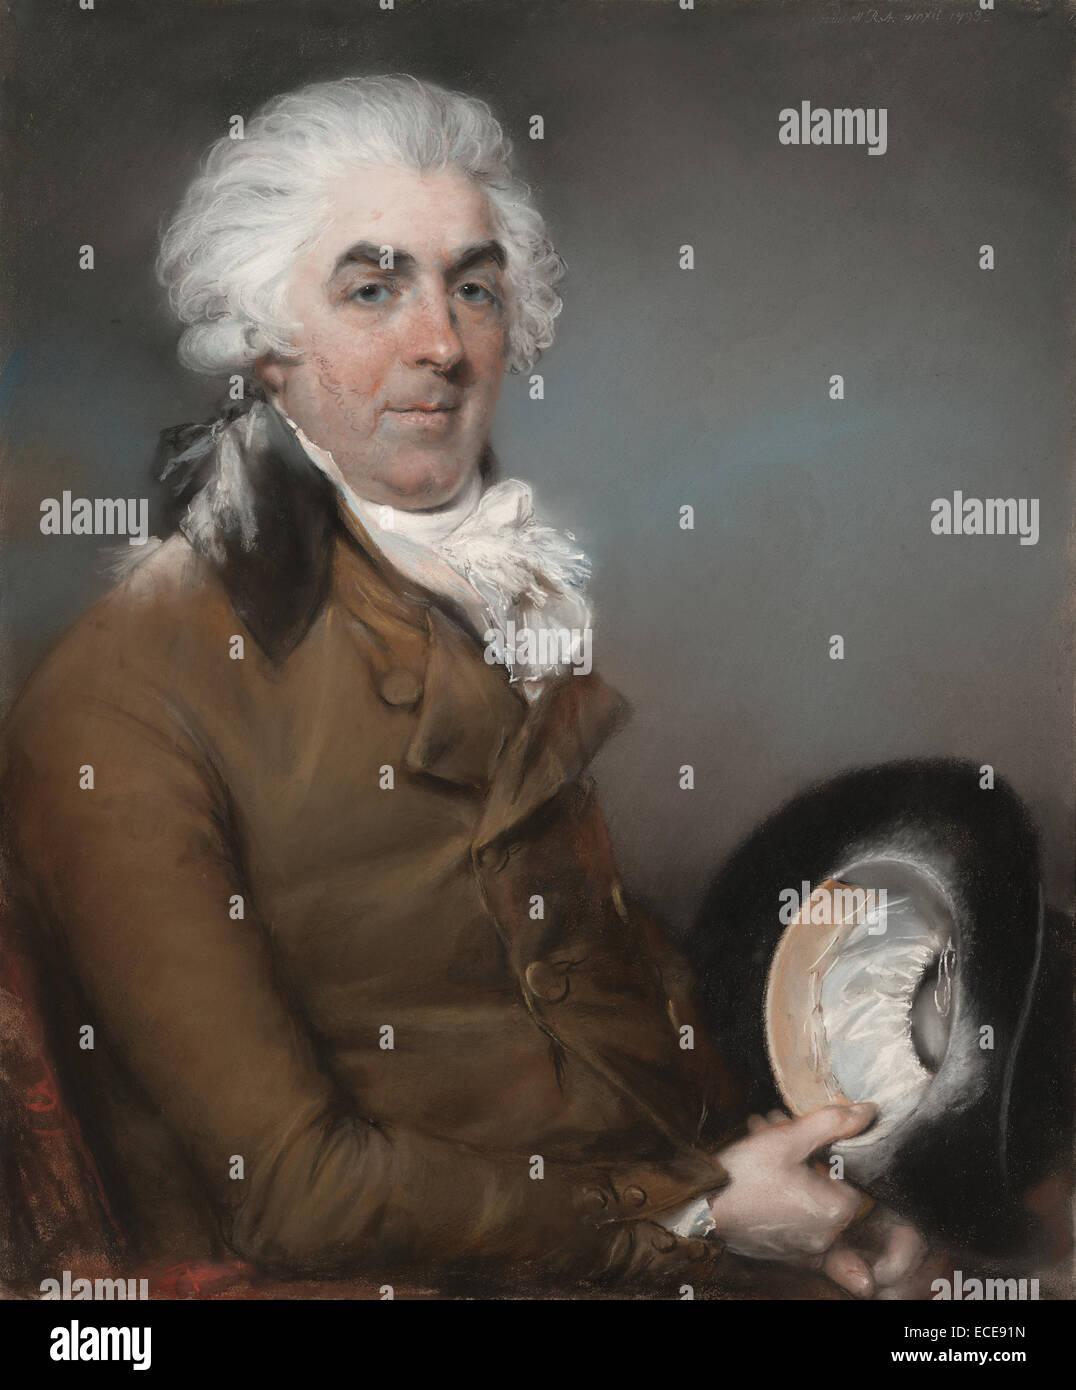 Ritratto di George de Ligne Gregorio (1740 - 1822); John Russell, R.A., britannico, 1745 - 1806; 1793; pastello Immagini Stock